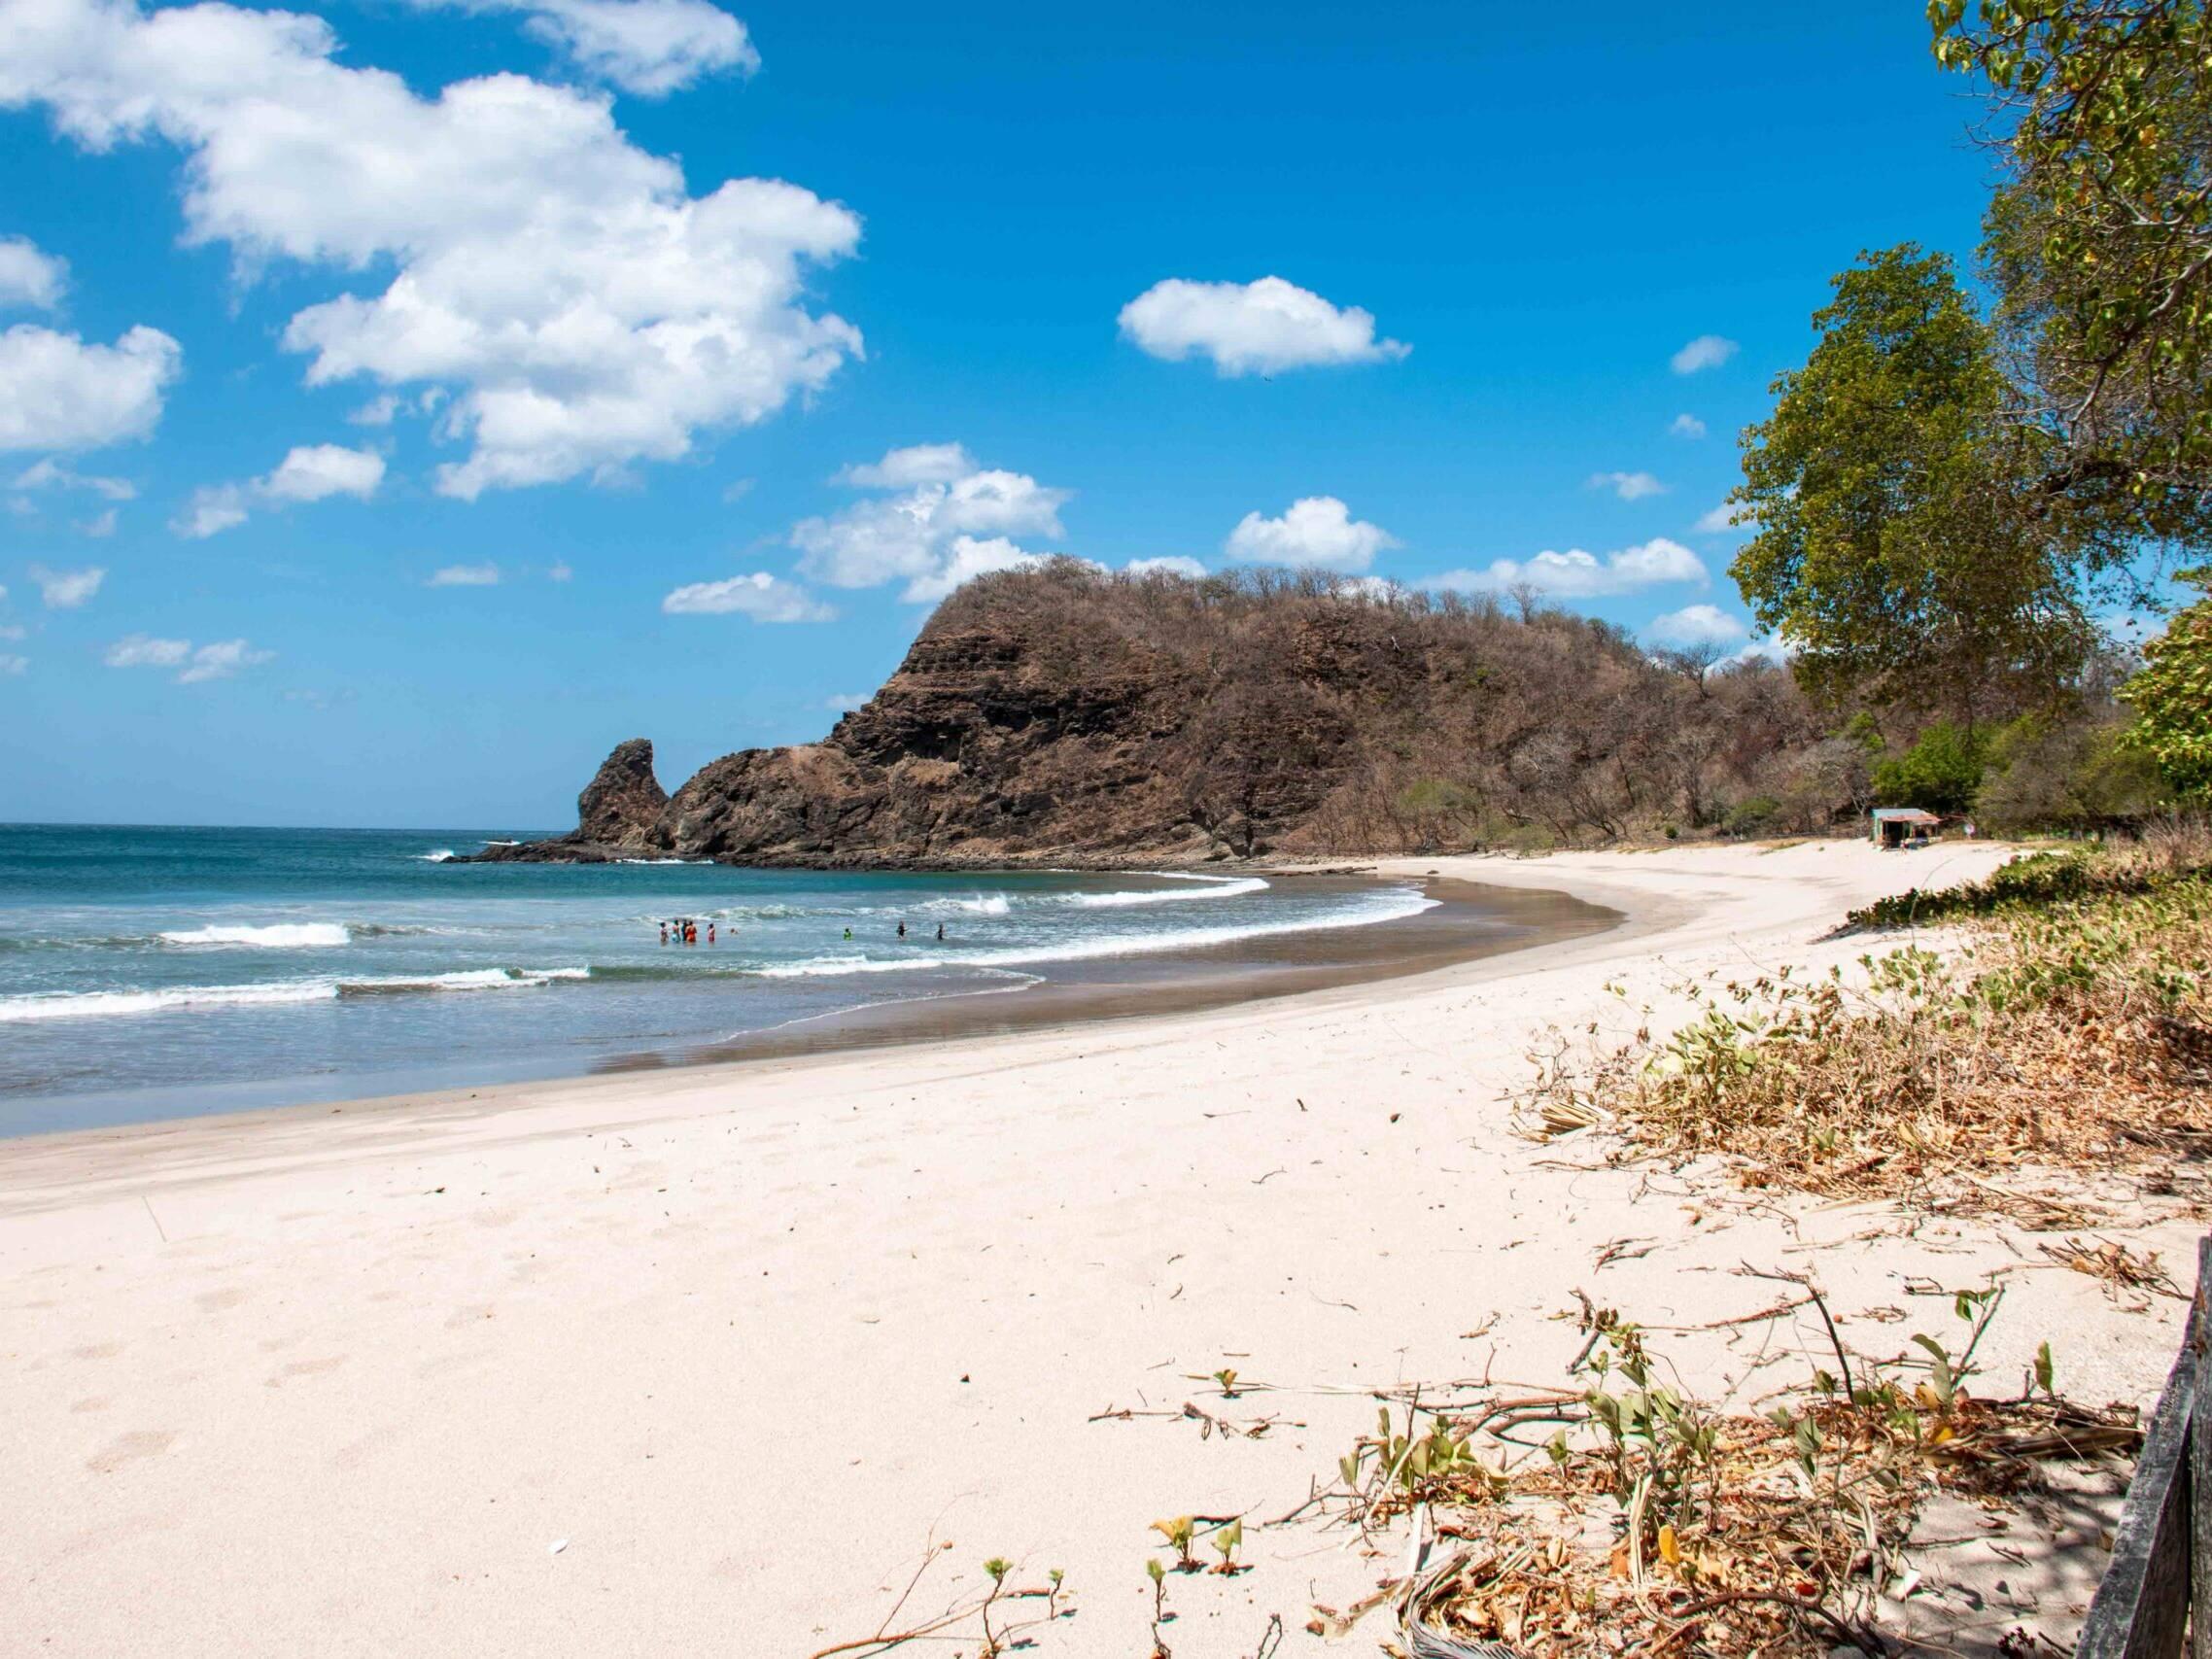 Playa Majagual in Nicaragua